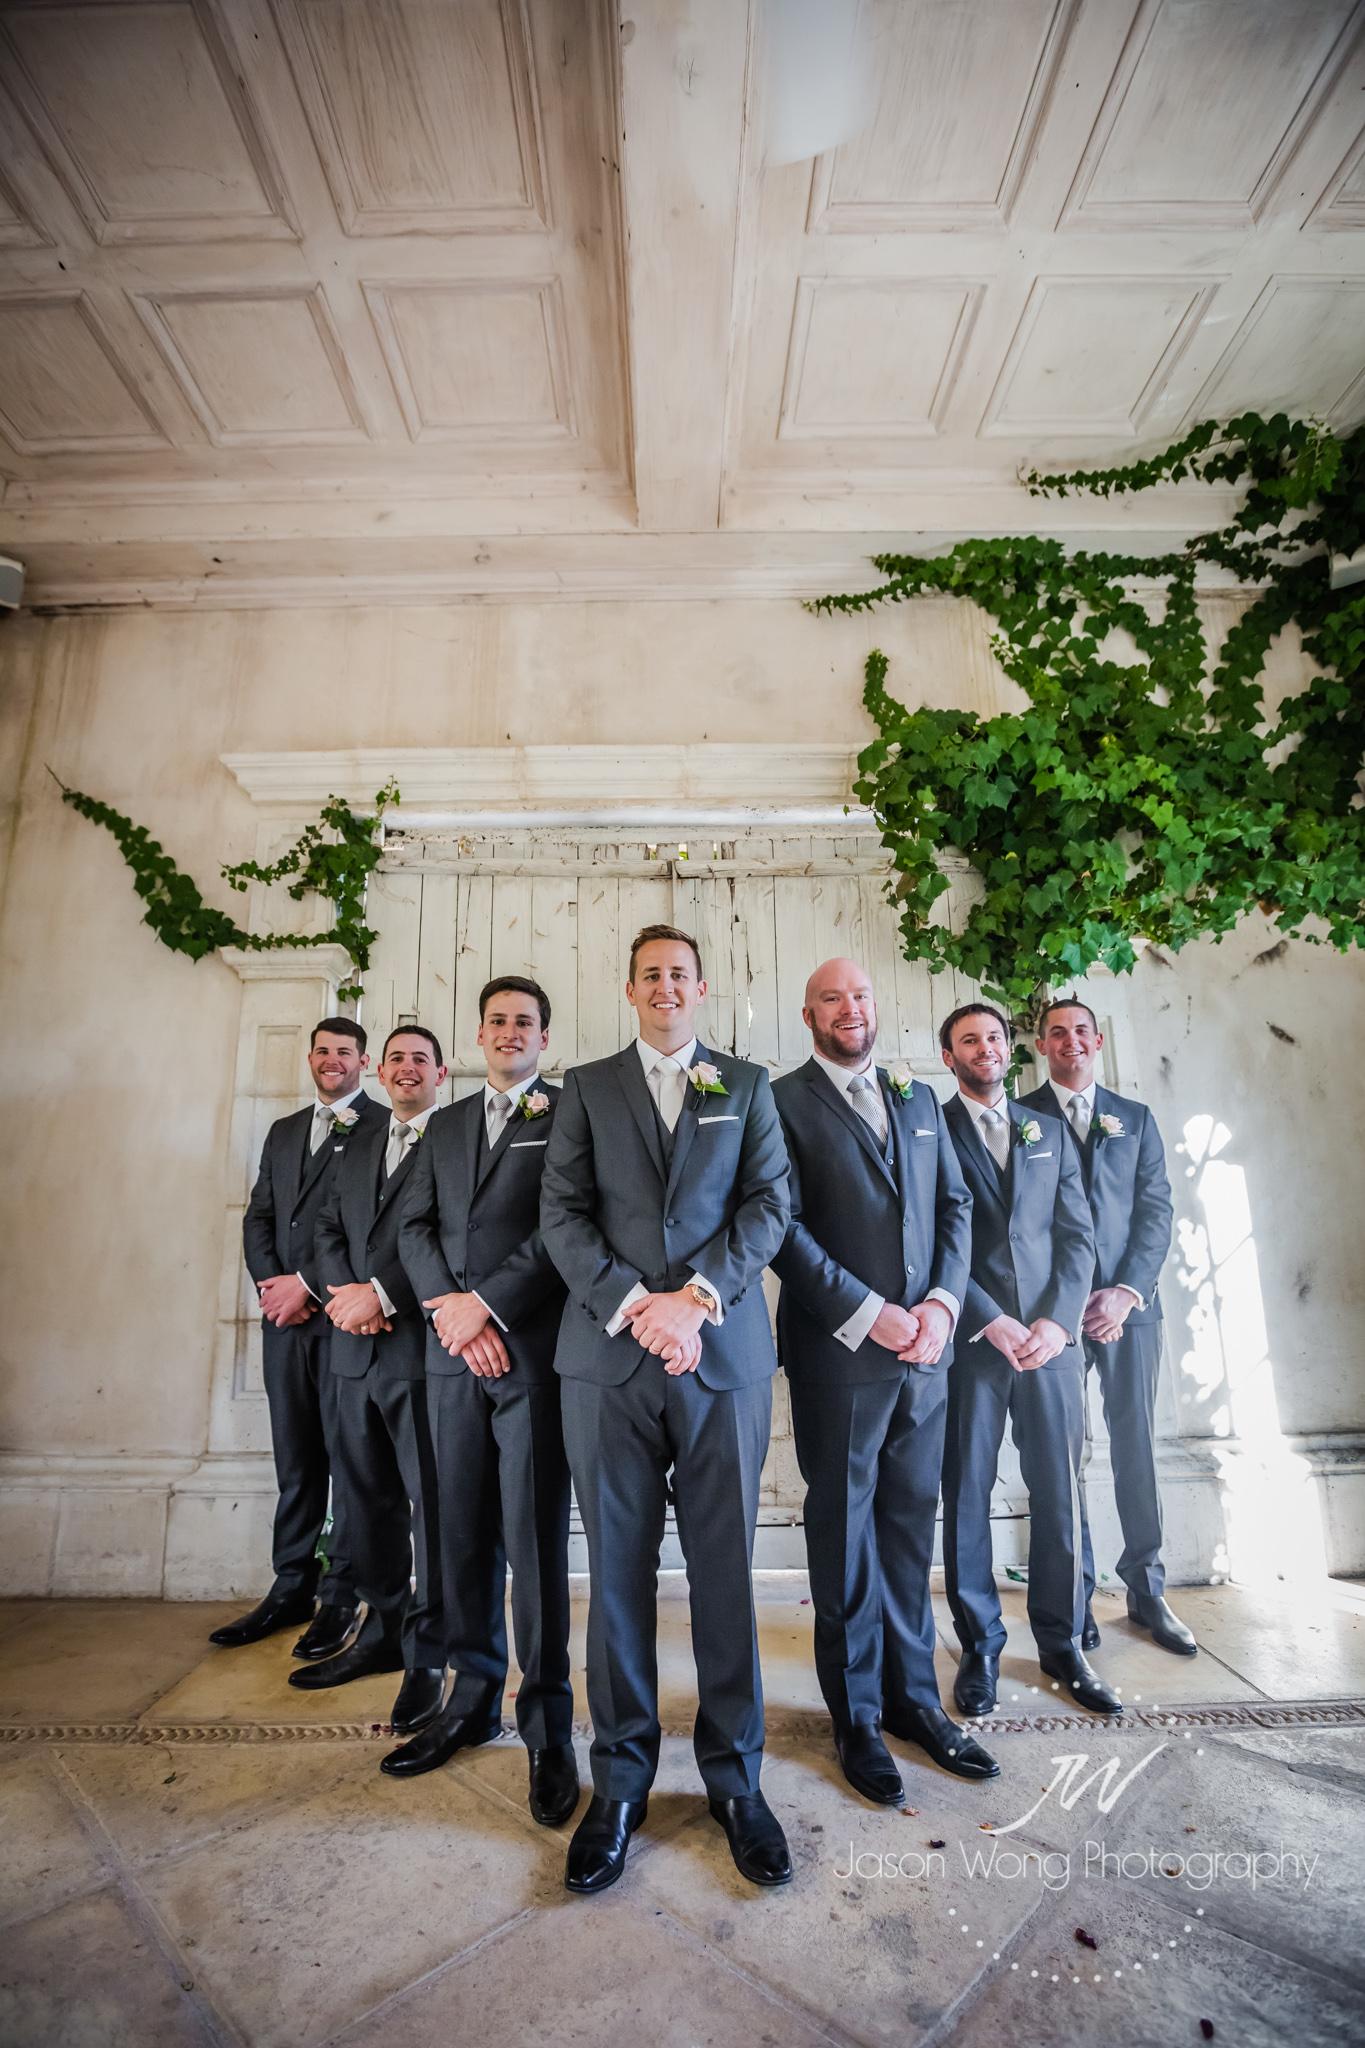 groom-and-groomsmen-looking-smart.jpg